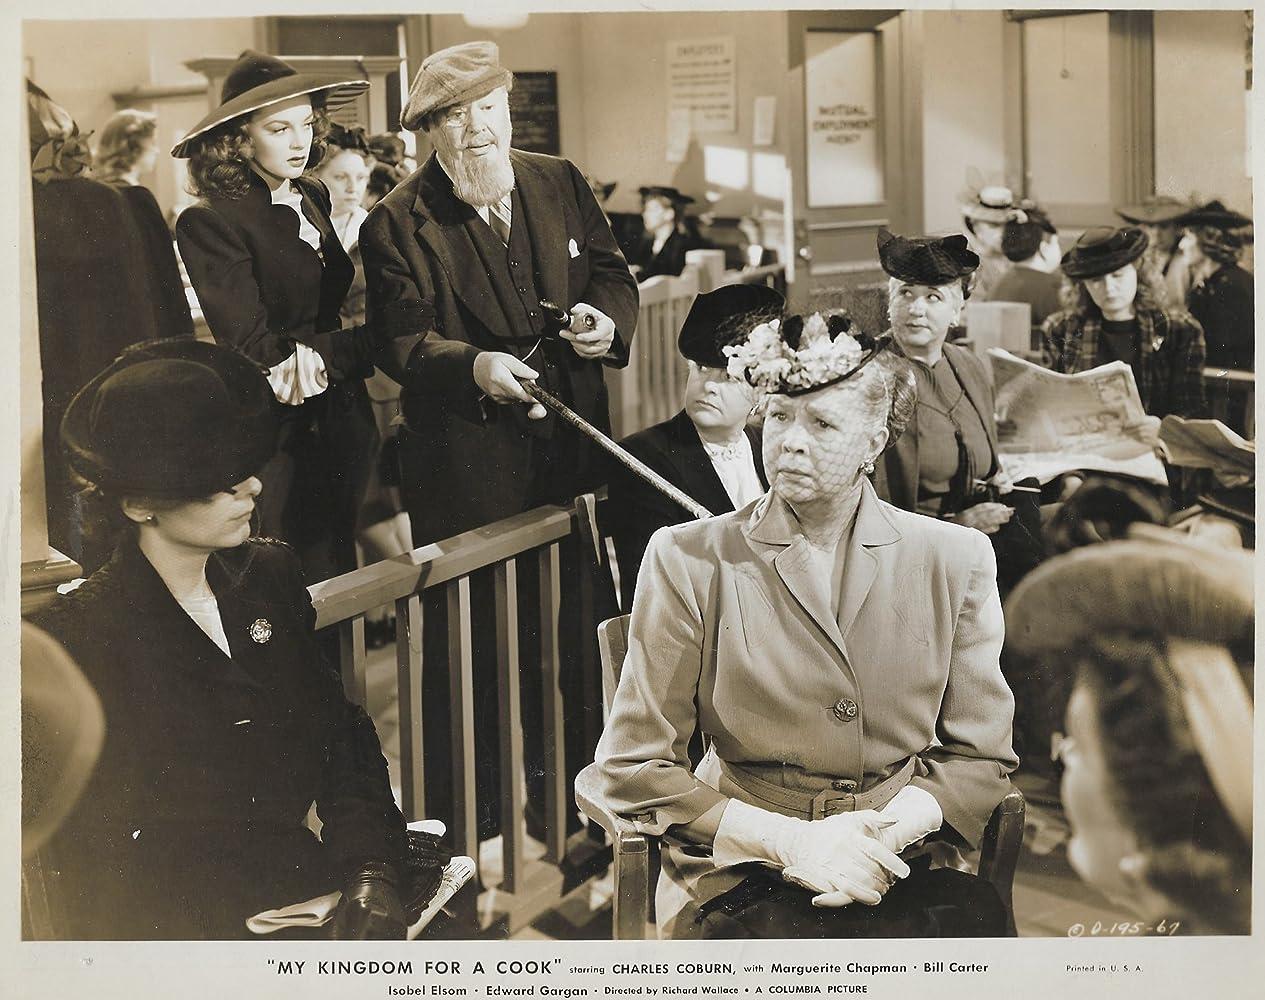 Theresa Meeker,Alison Bell (actress) Hot images Amanda Redman (born 1957),Jamie Sorrentini